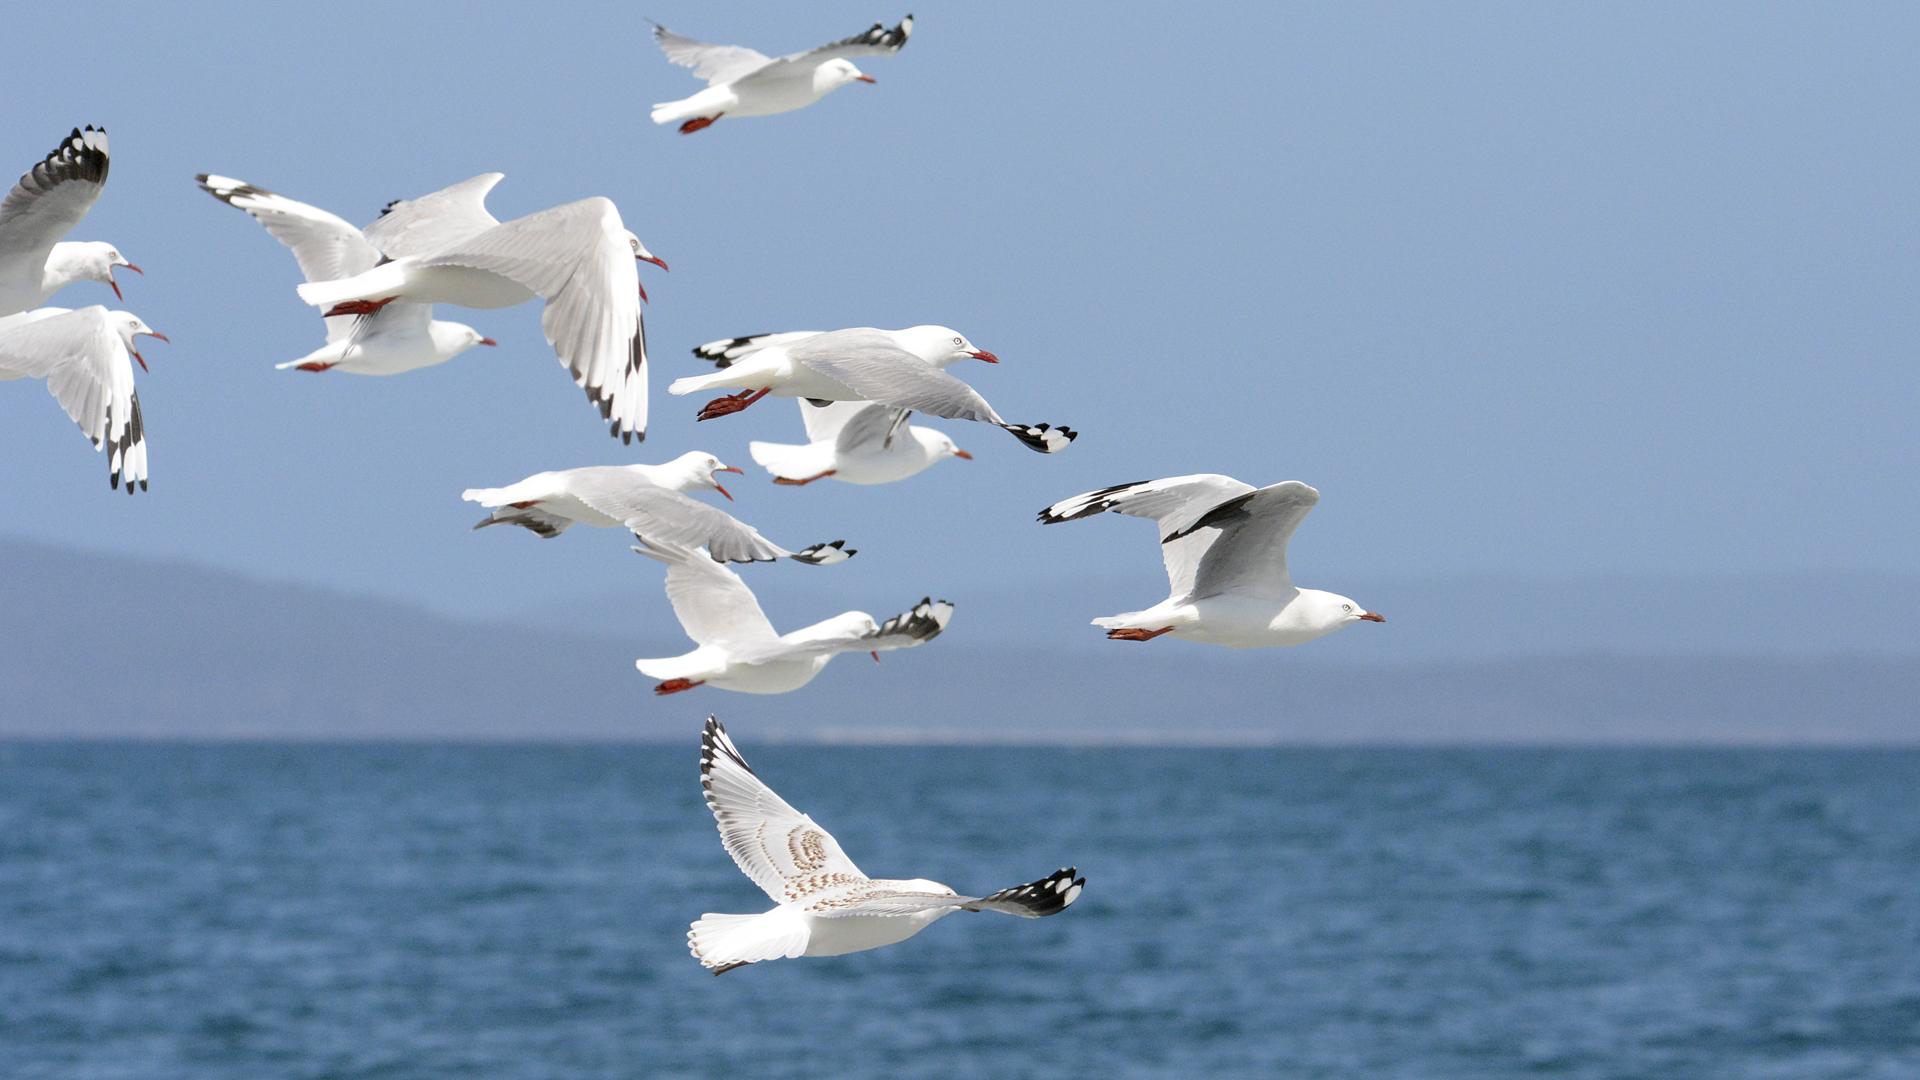 Culpan a humanos por caída en población de aves en EU y Canadá